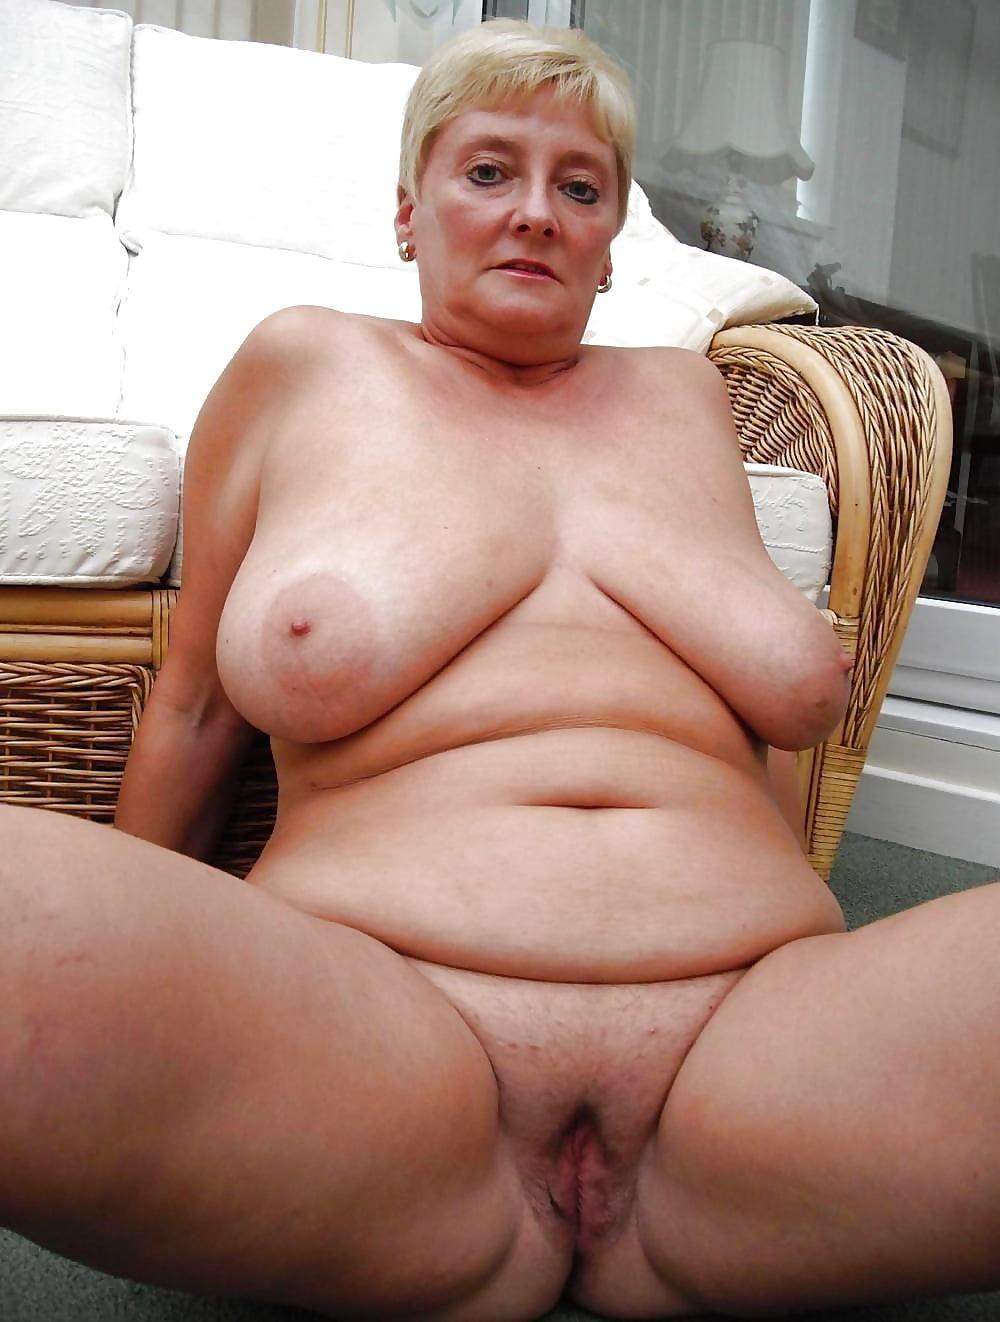 Granny Fat Big Tits Mature Nude